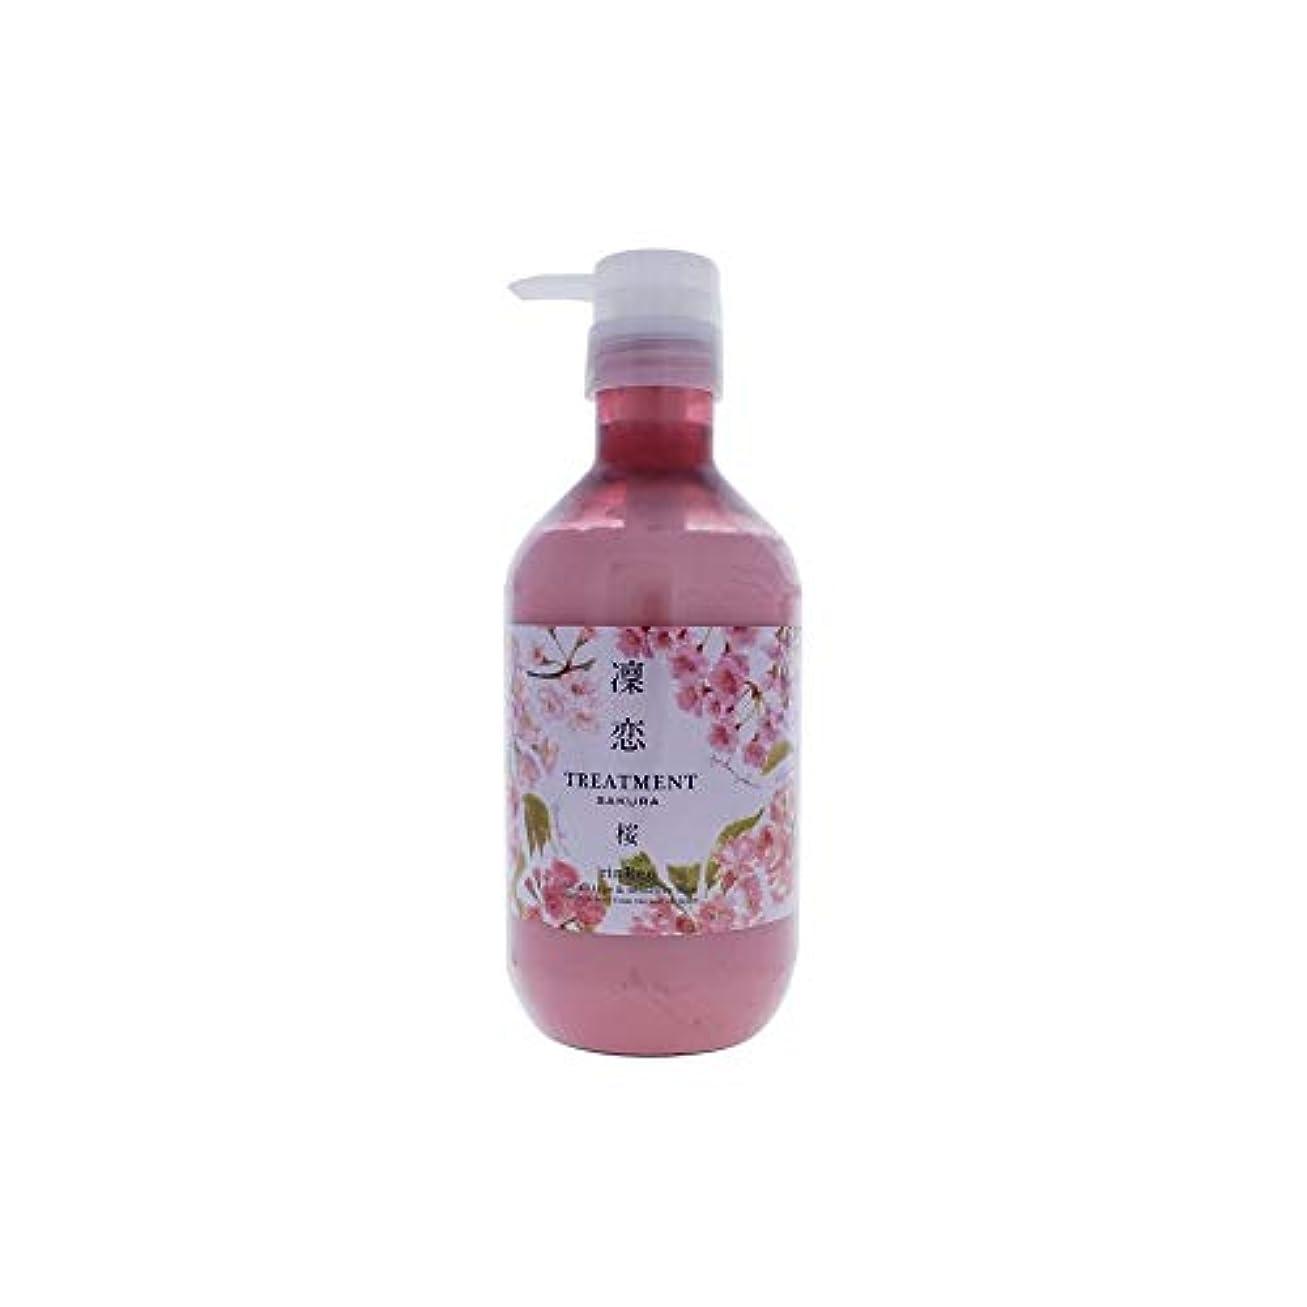 笑鋼医薬Treatment Sakura